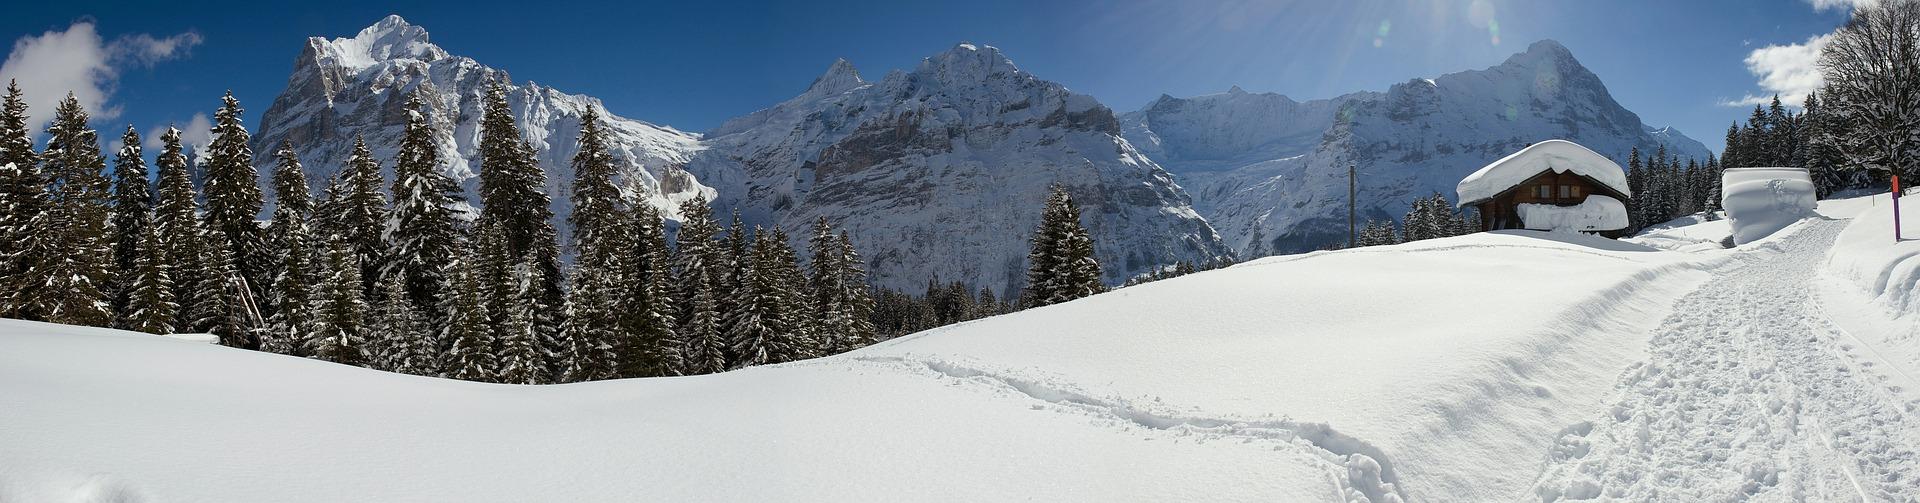 Skigebiete Schweiz Top 14 - für deinen perfekten Skiurlaub